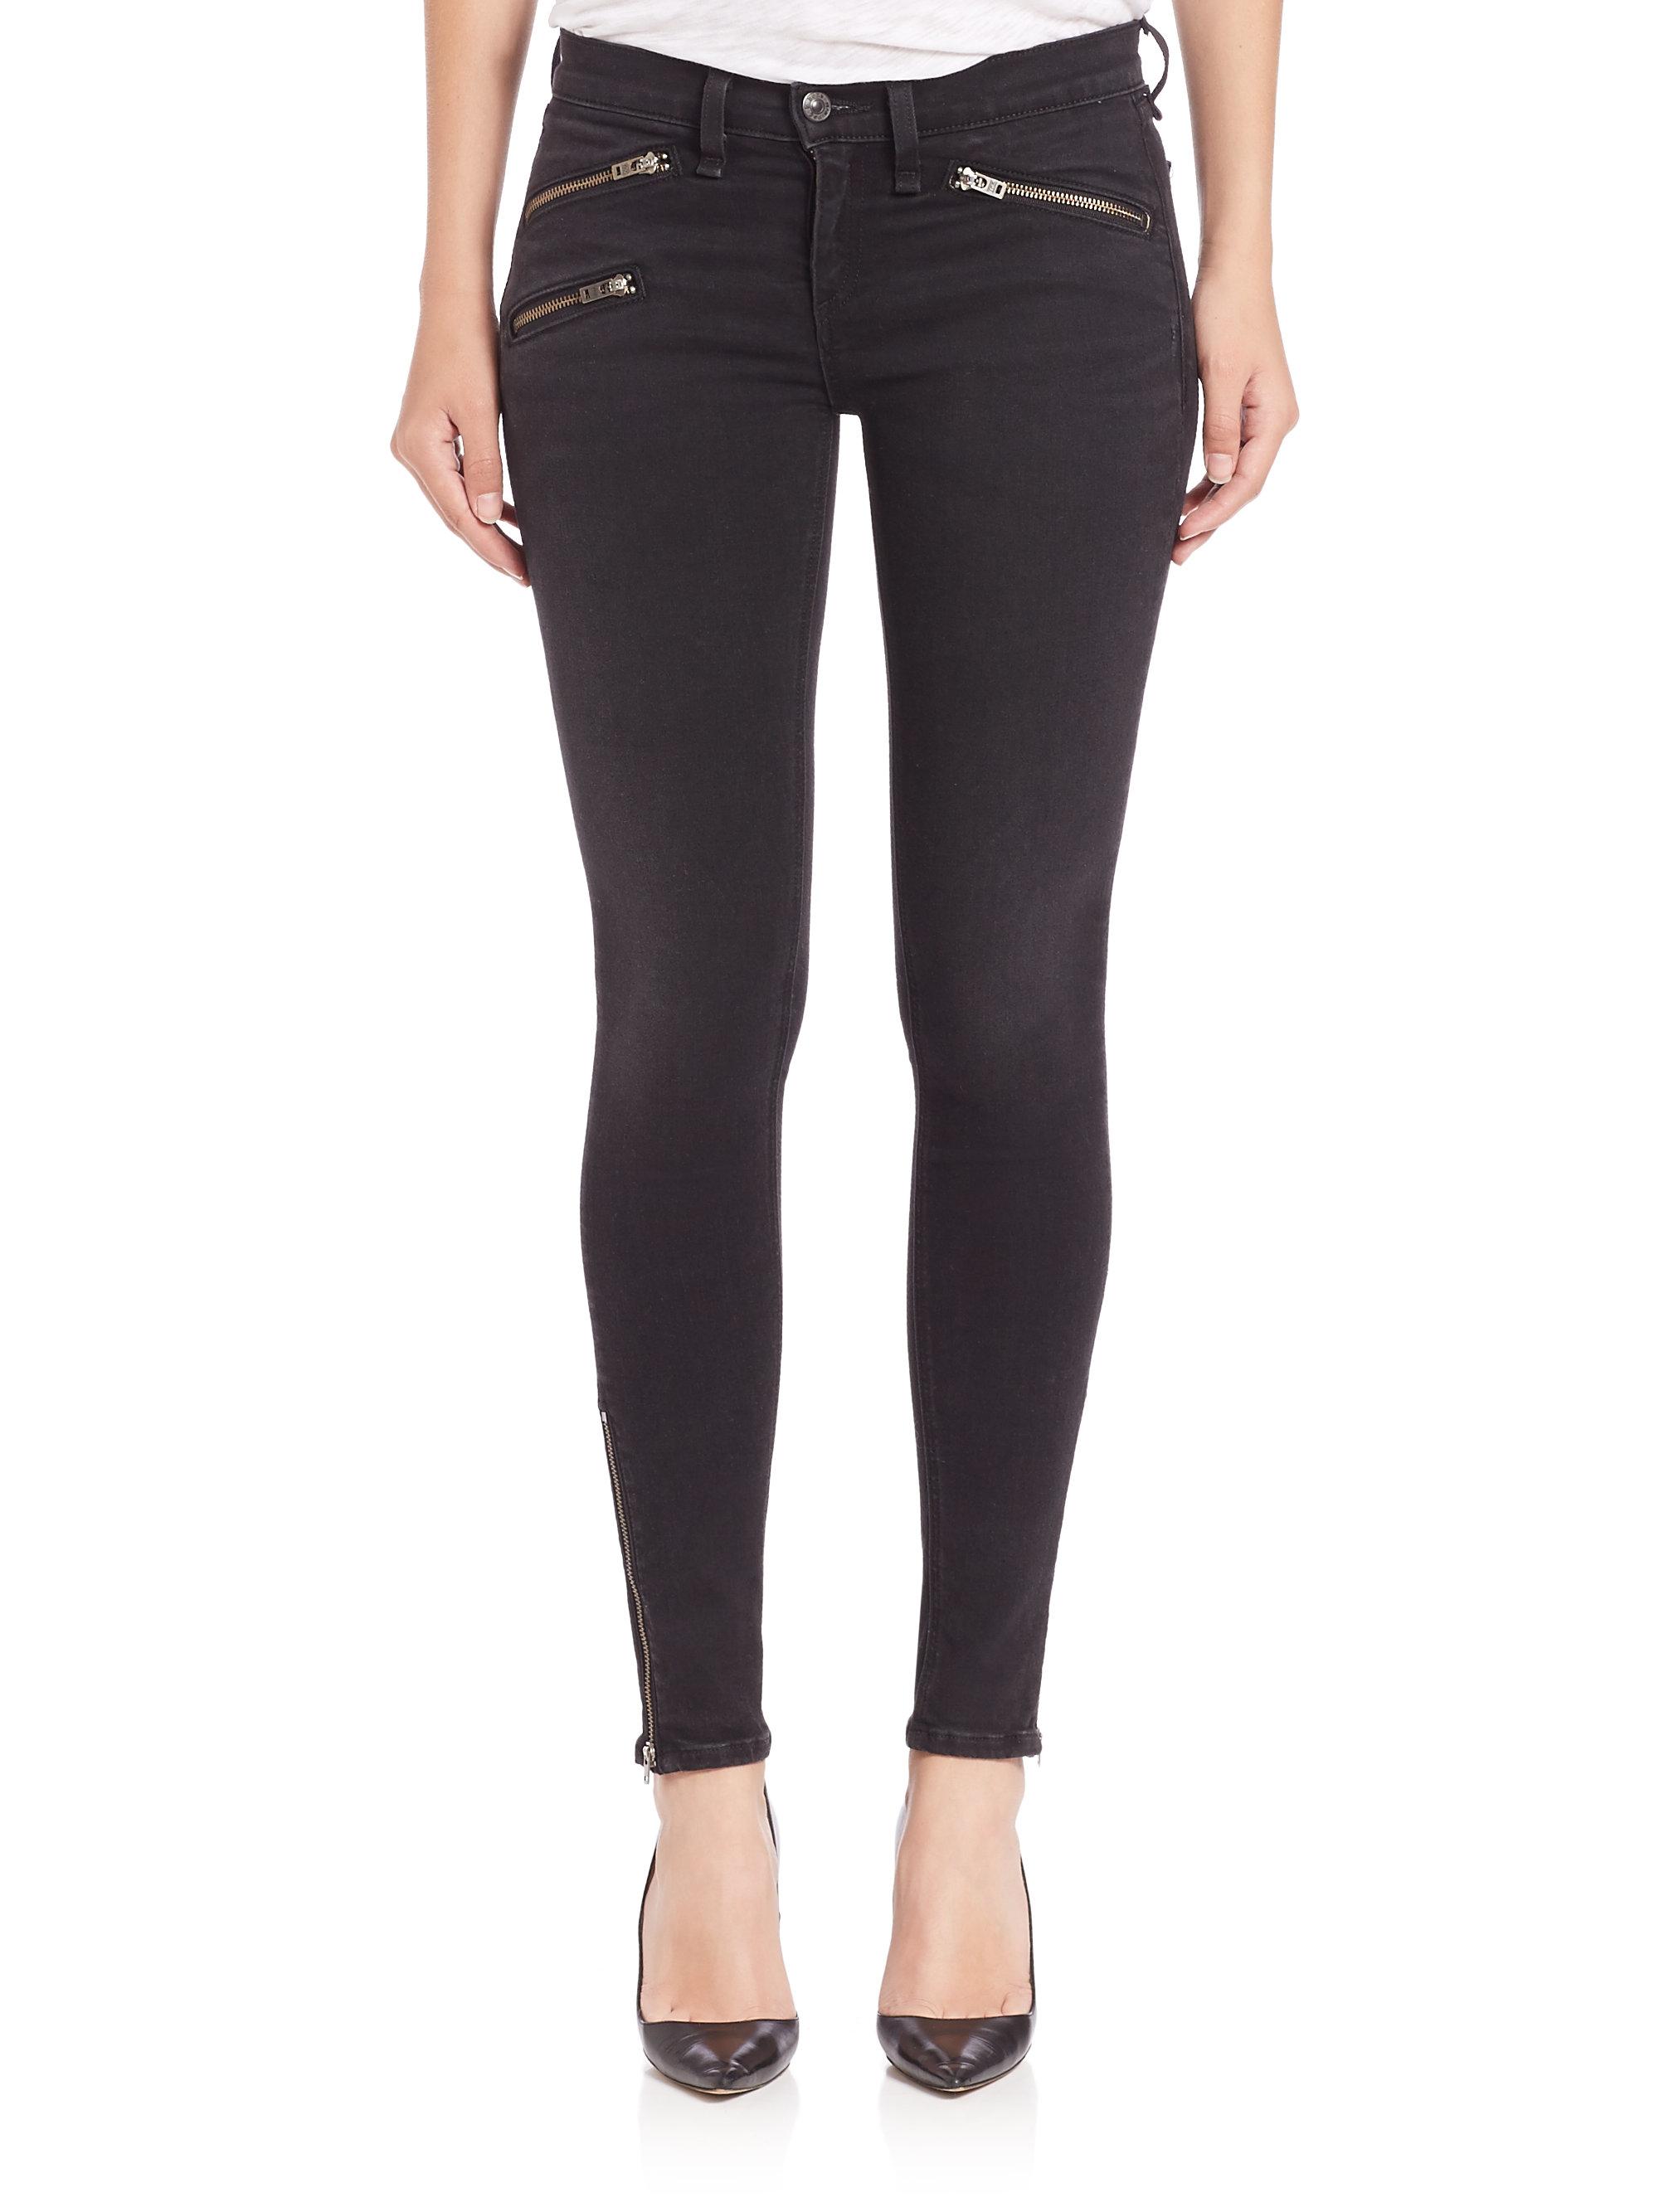 Rag & bone Rbw 23 Zip Skinny Jeans in Black | Lyst